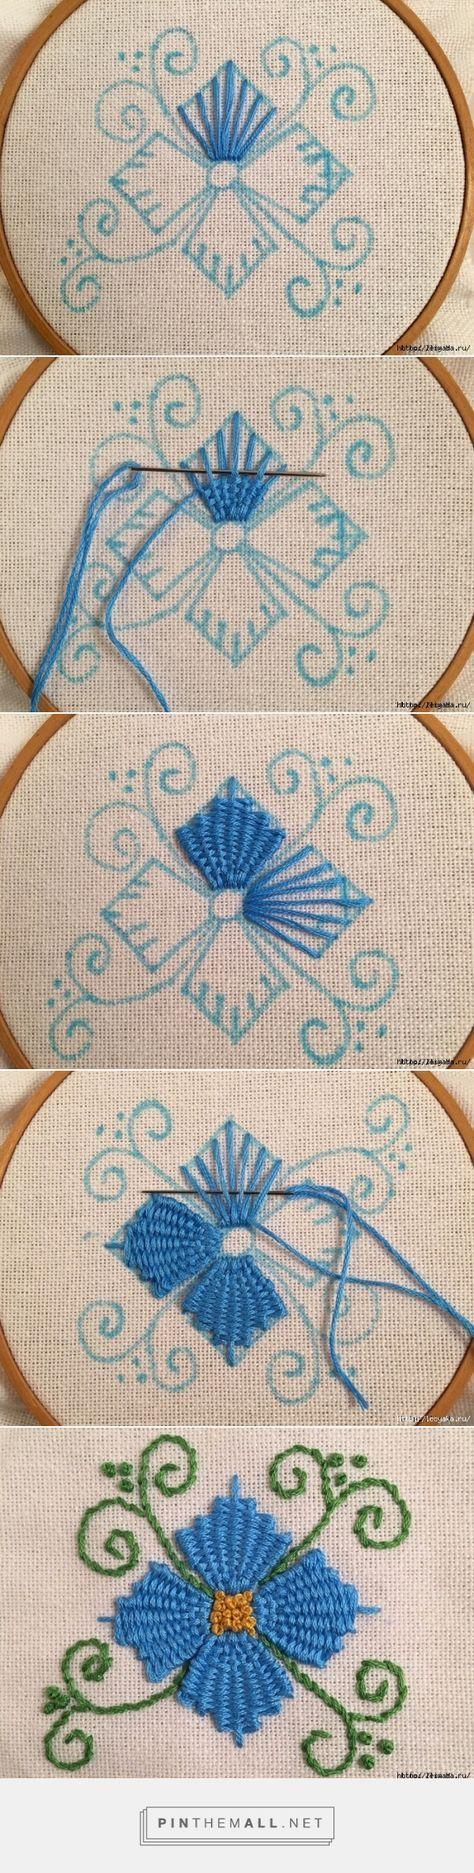 Красивая вышивка, сделанная переплетением нитей! » Женский Мир - created via https://pinthemall.net